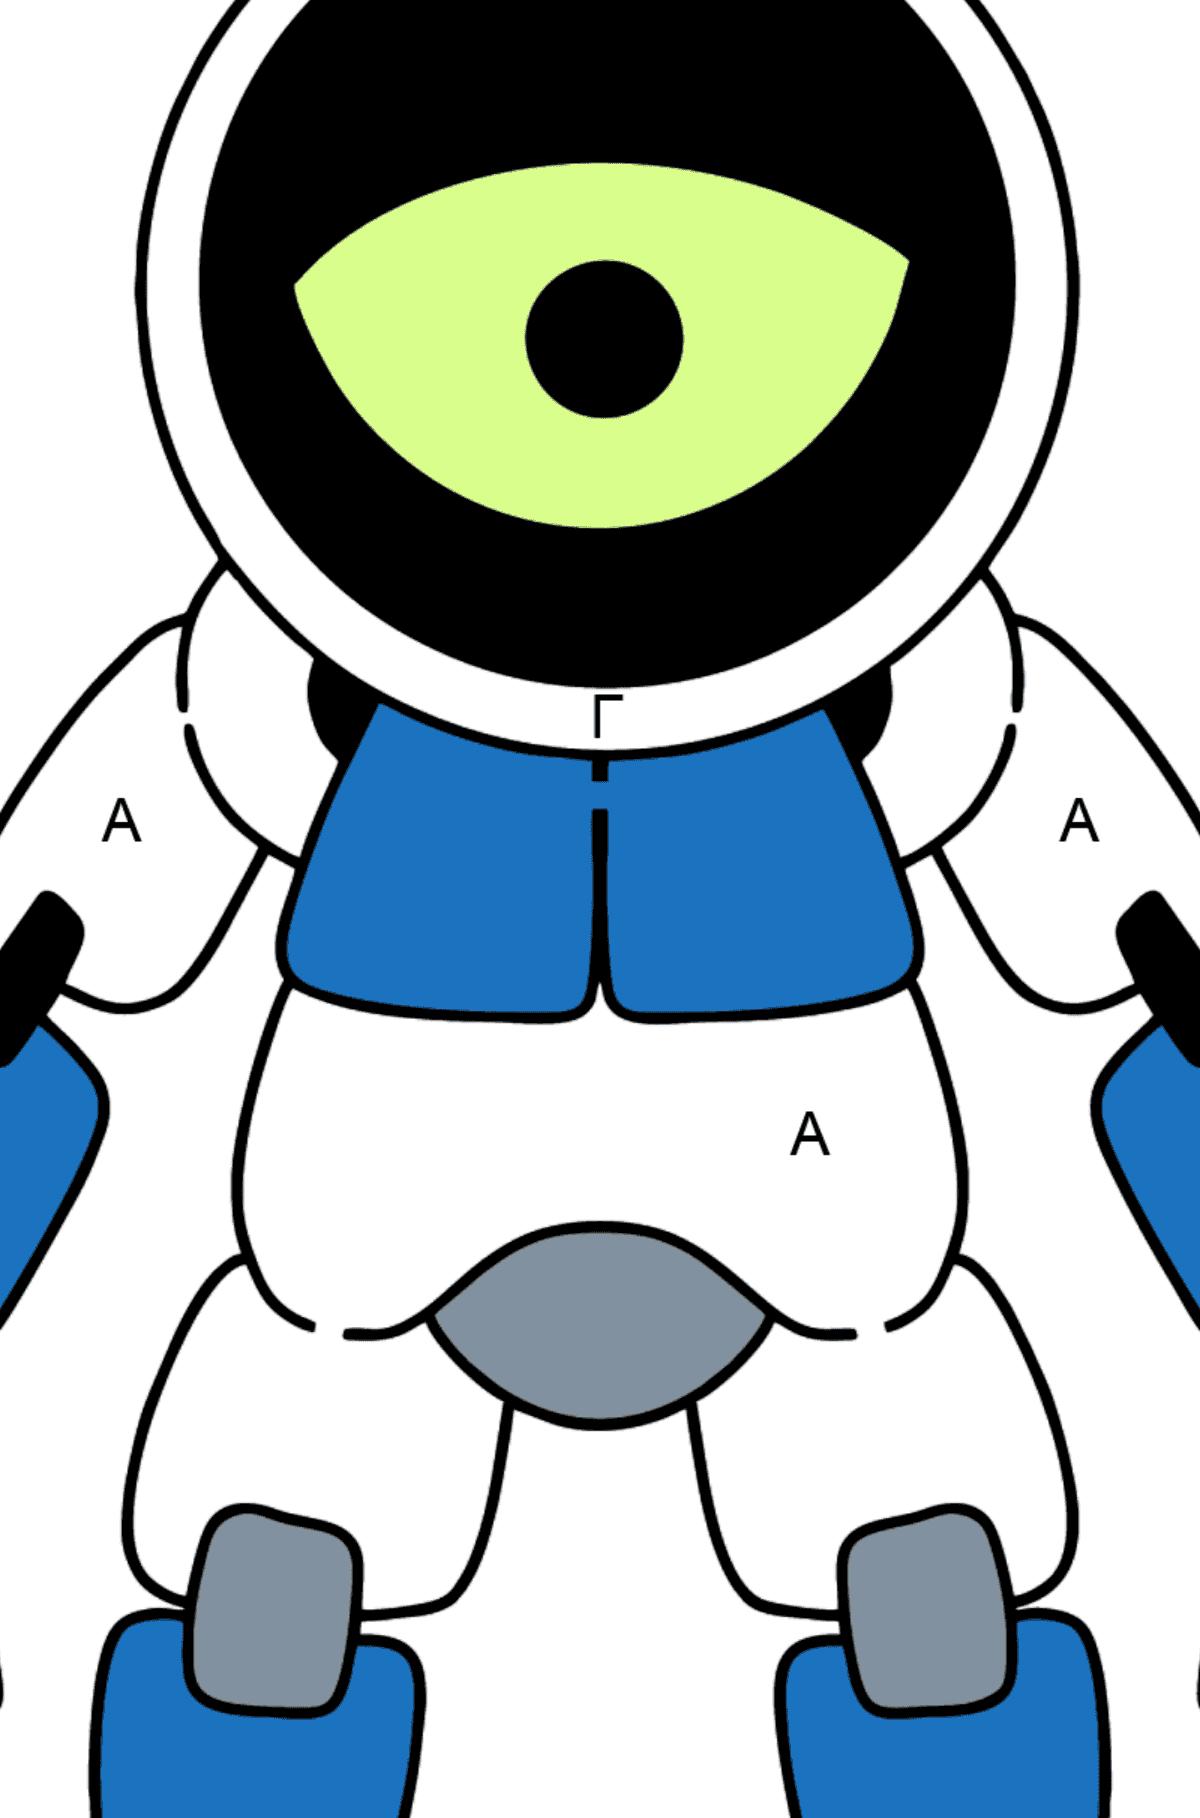 Раскраска робот циклоп - Раскраска по Буквам для Детей